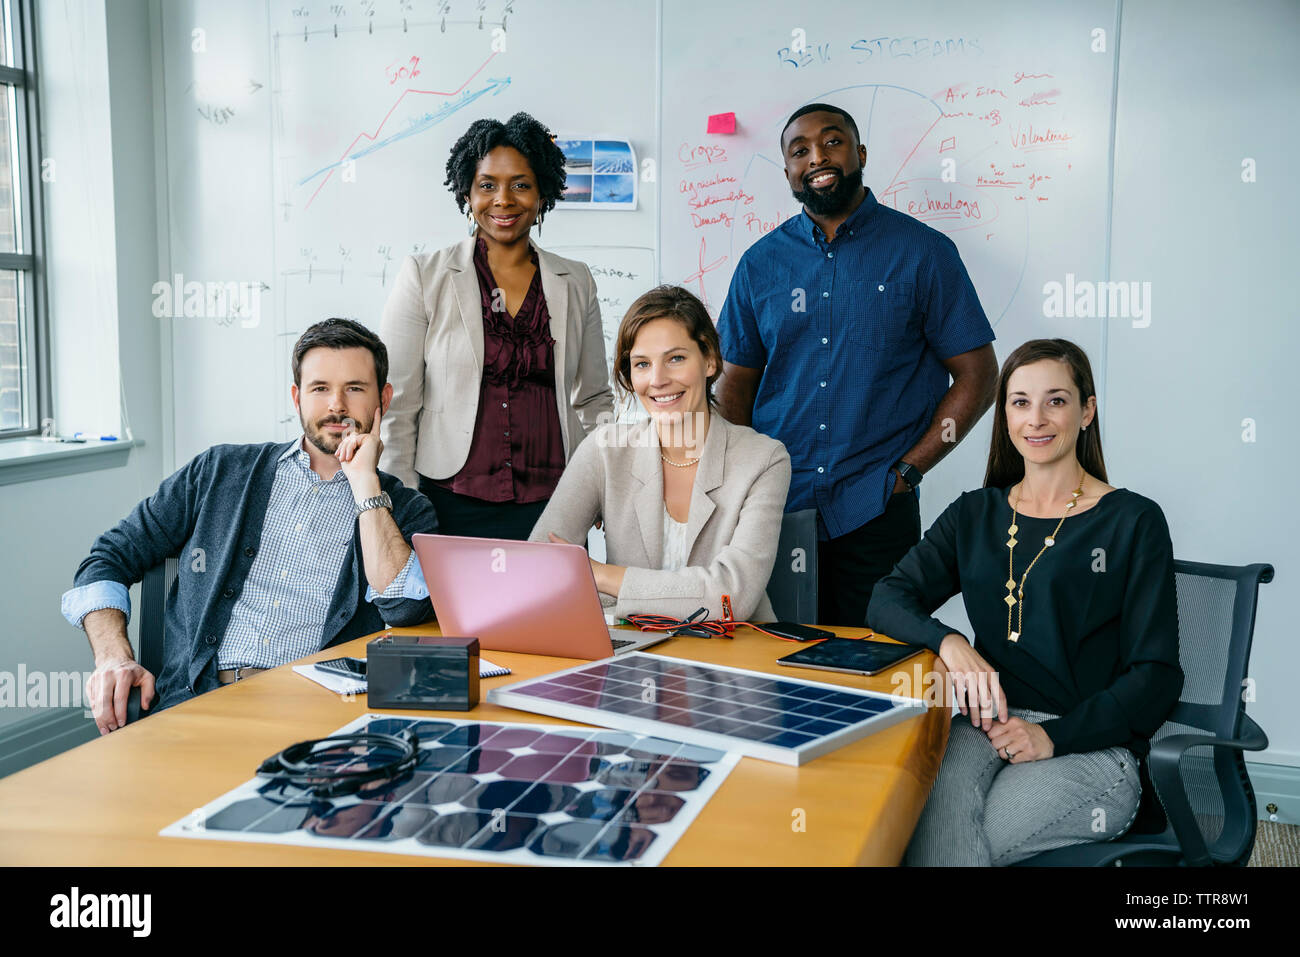 Retrato de gente de negocios sonriendo por modelos de paneles solares en la mesa. Imagen De Stock